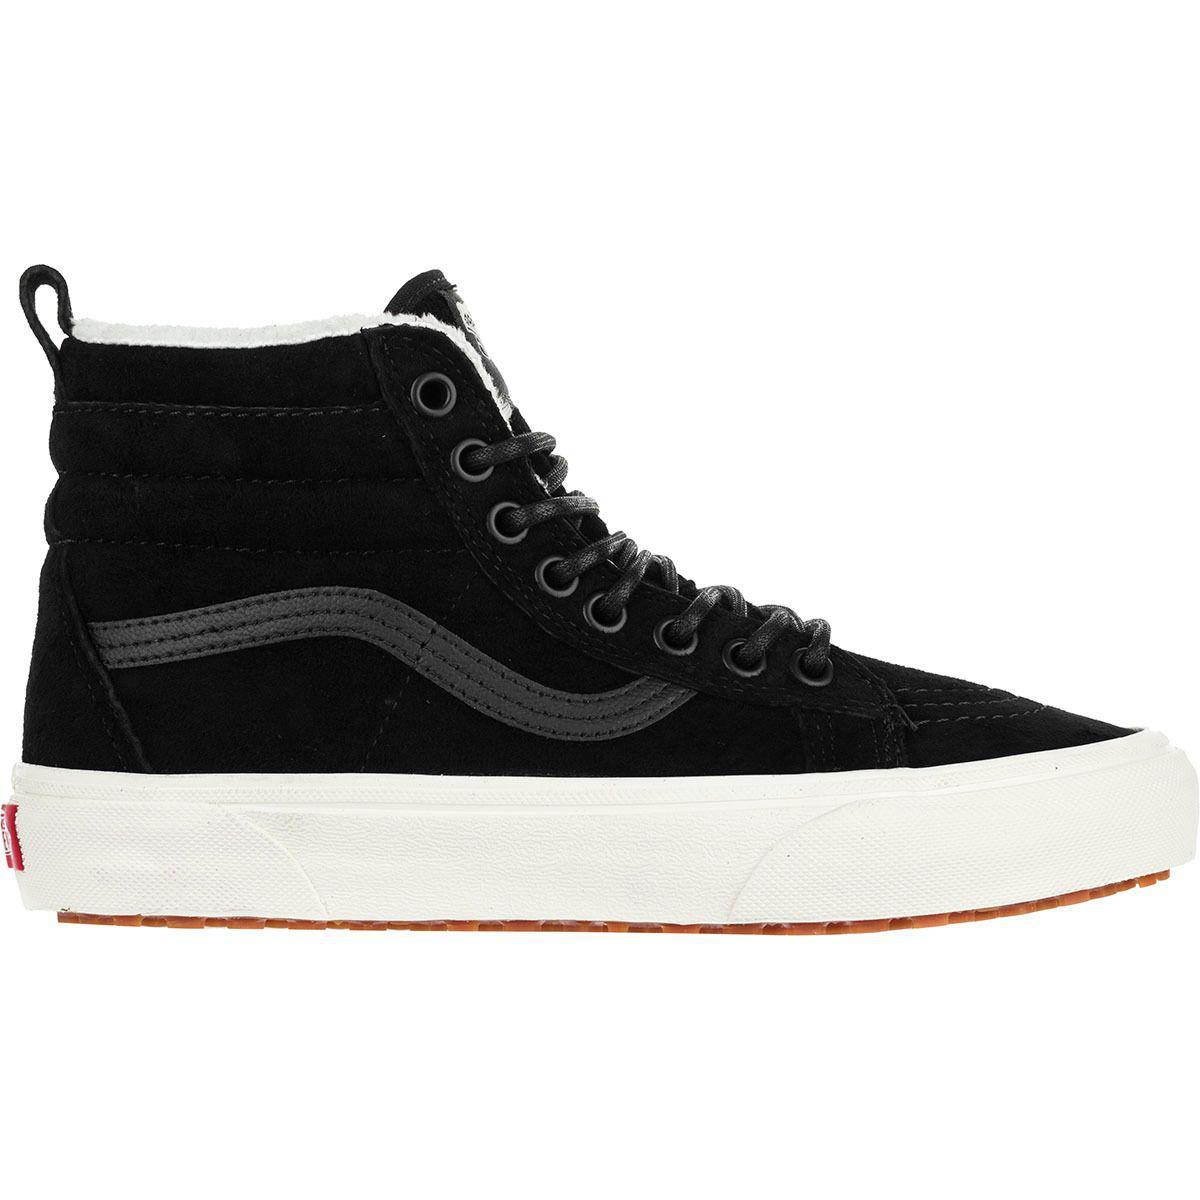 baa973c2cf Lyst - Vans Sk-8 Hi Mte Sneaker in Black - Save 20.224719101123597%